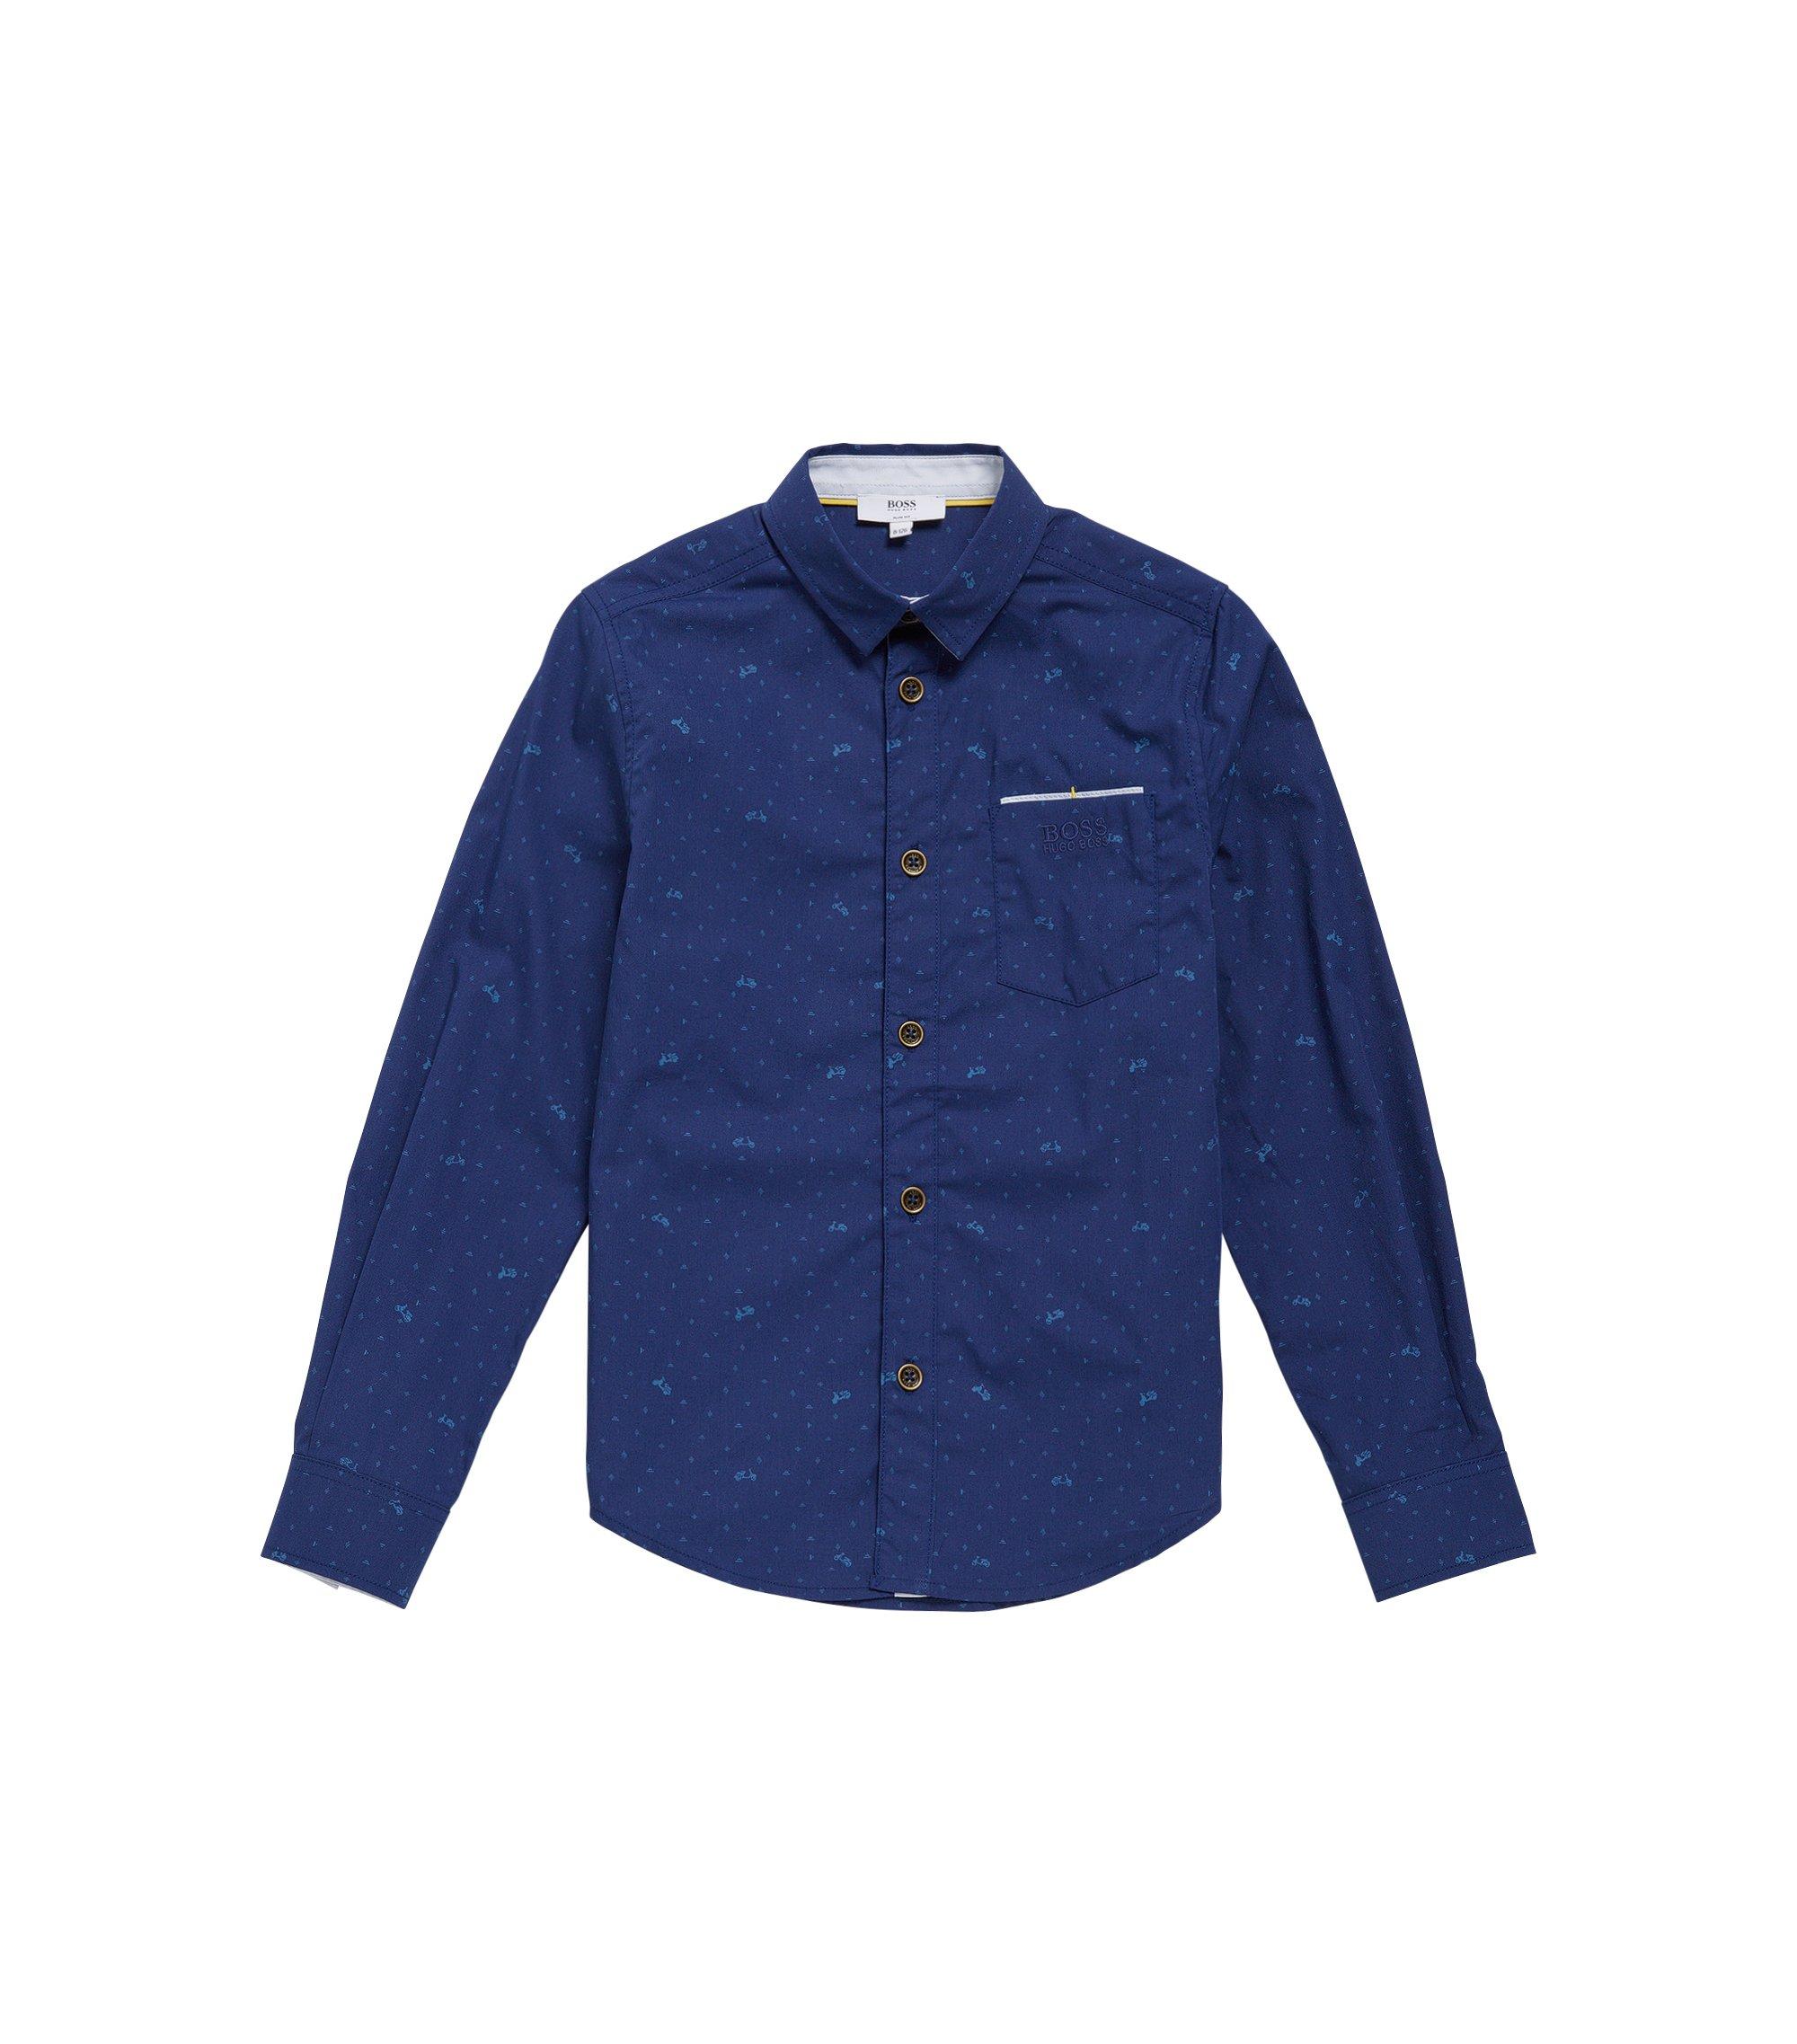 Chemise Slim Fit pour enfant en coton à imprimé: «J25991», Bleu foncé